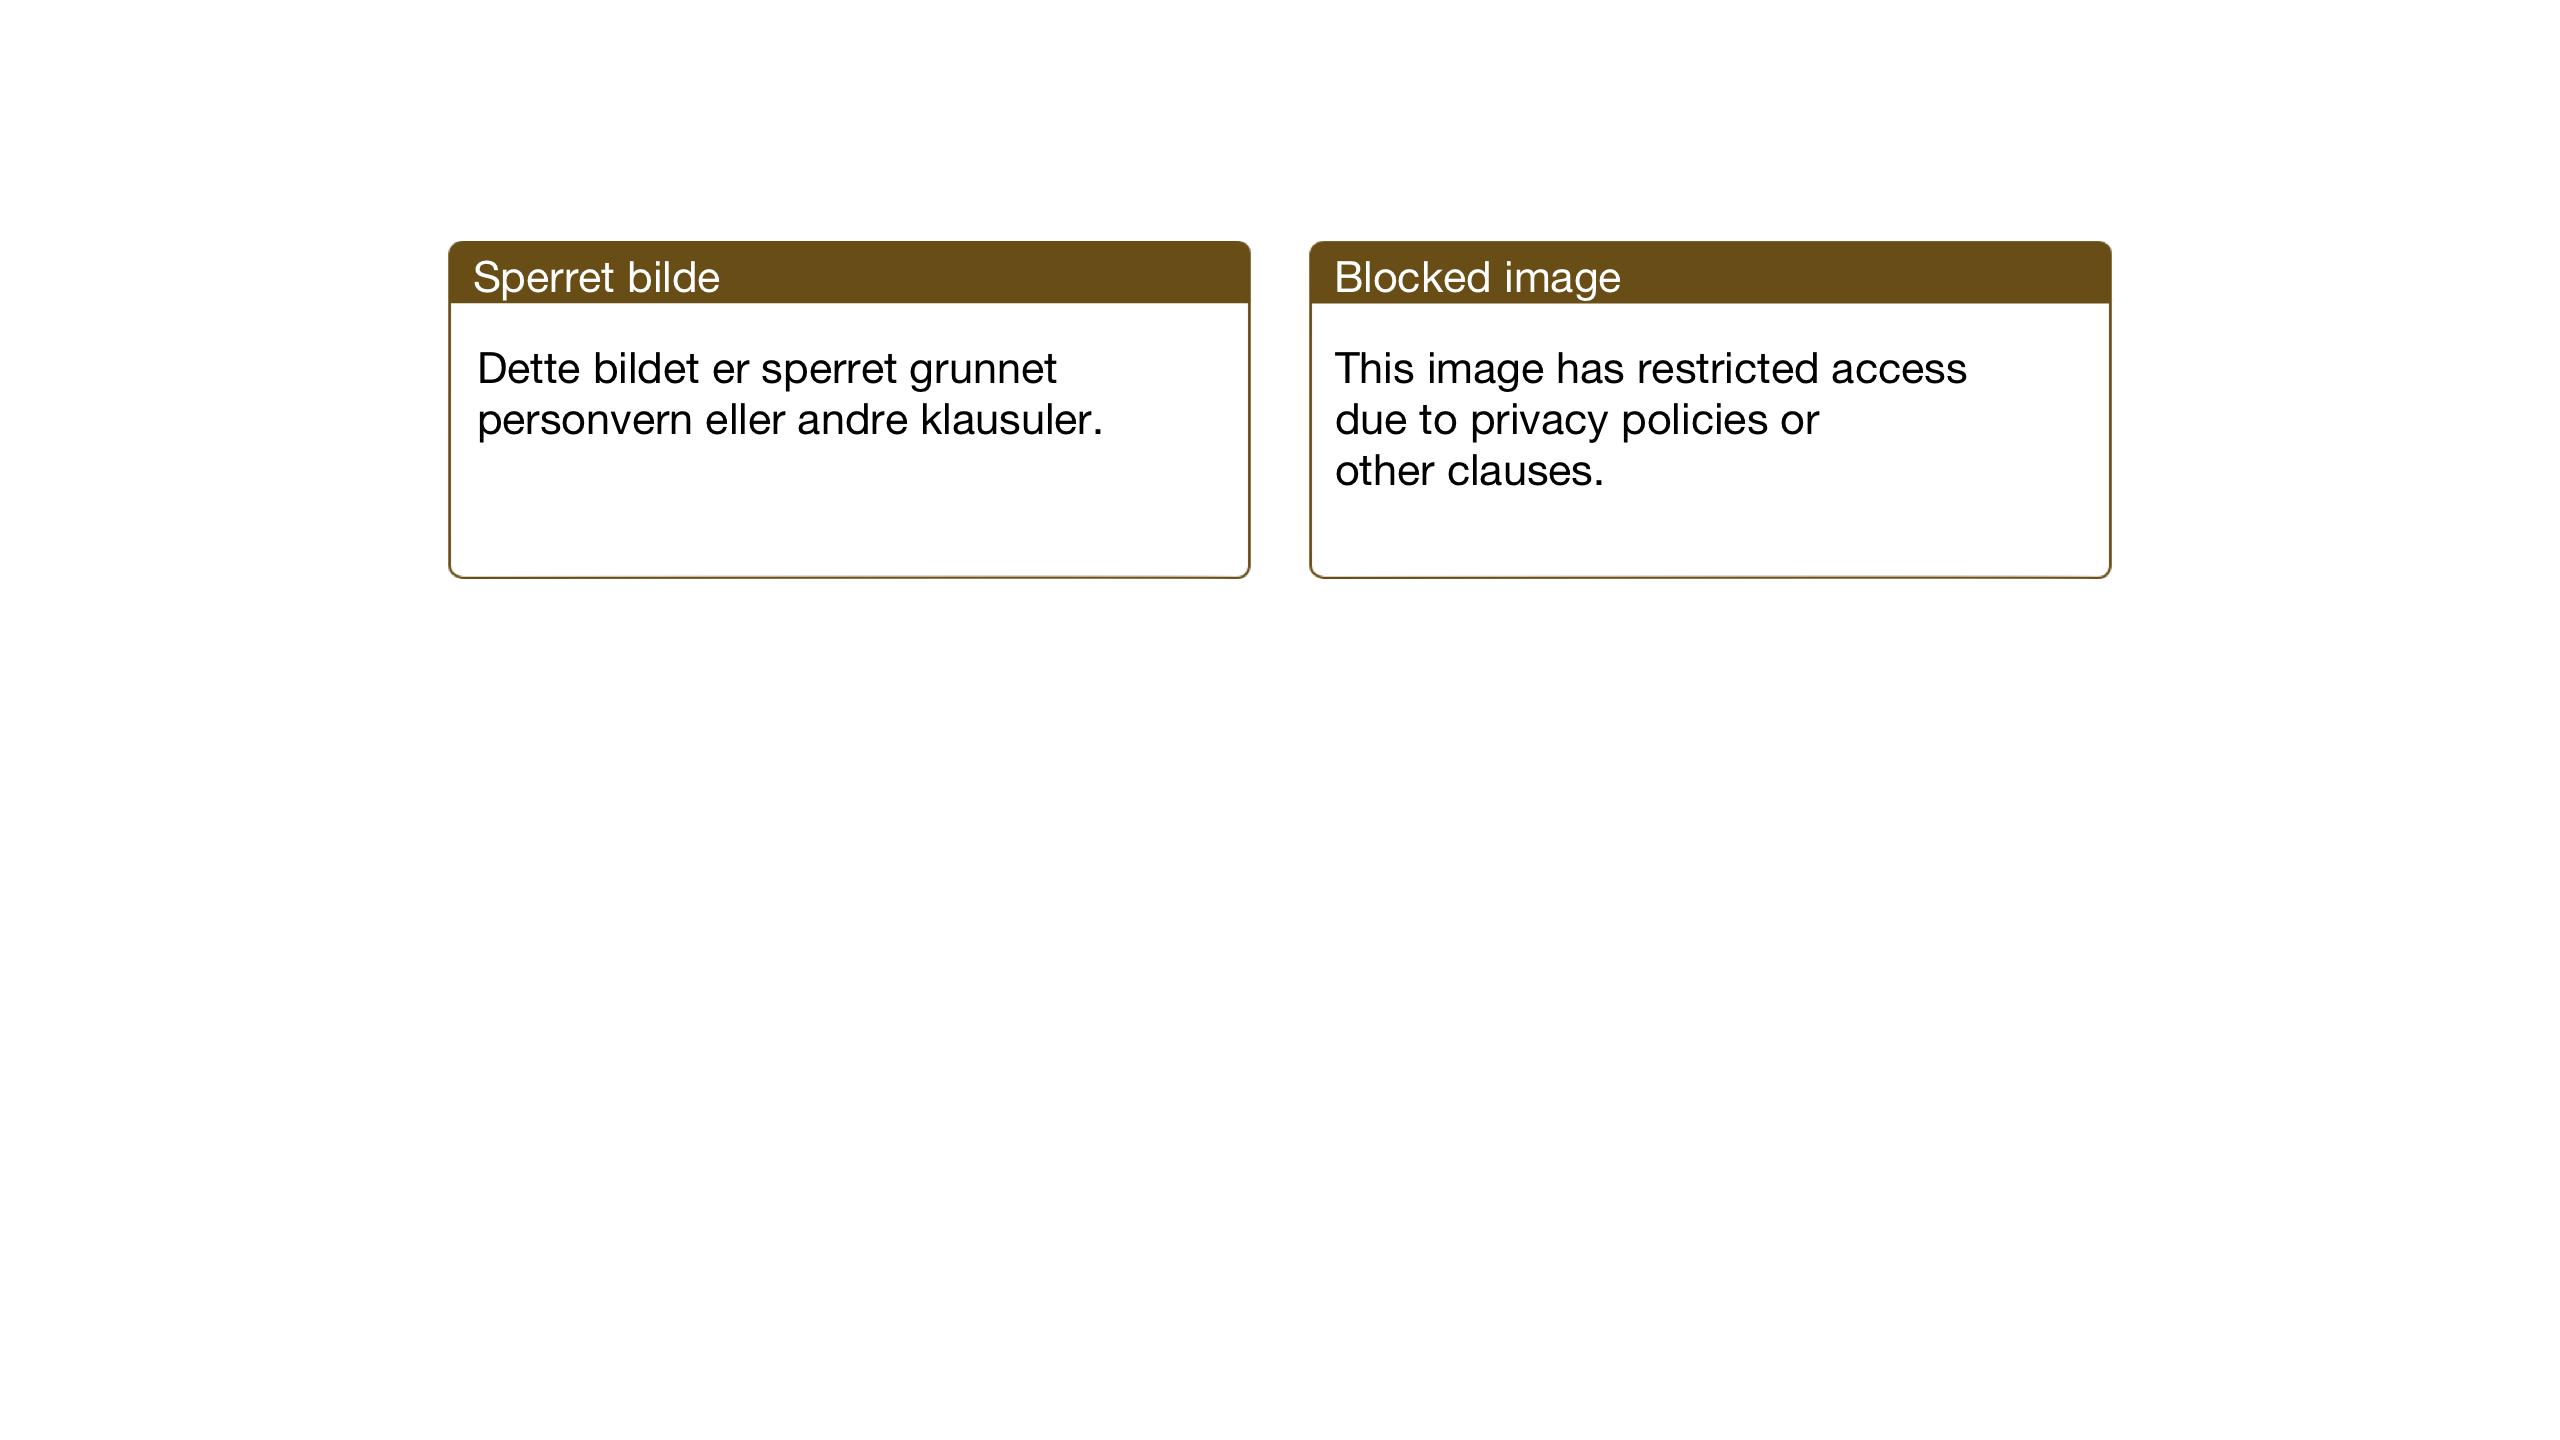 SAT, Ministerialprotokoller, klokkerbøker og fødselsregistre - Sør-Trøndelag, 653/L0658: Klokkerbok nr. 653C02, 1919-1947, s. 224